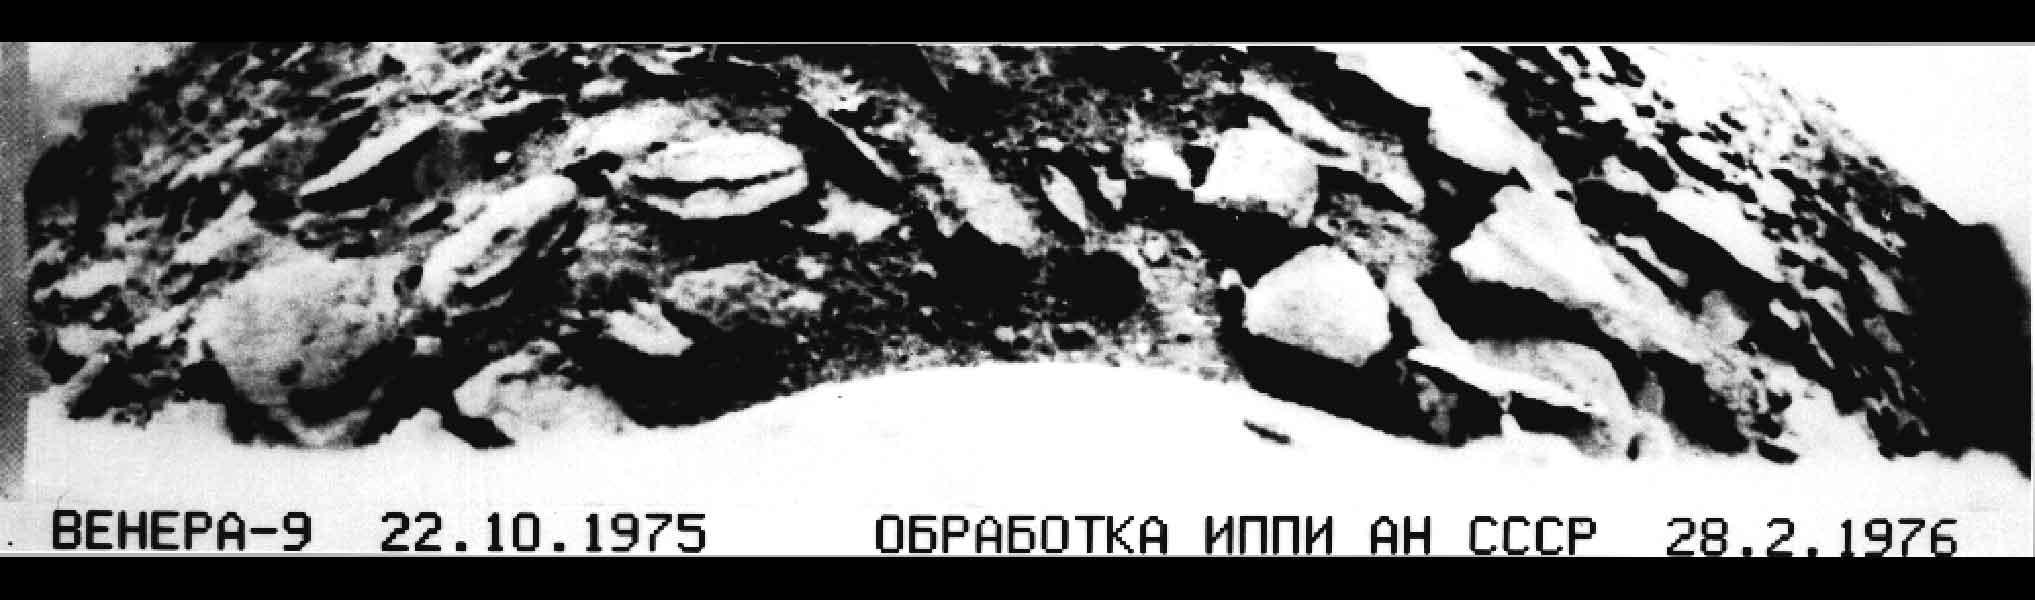 «Венера 9» фото поверхности